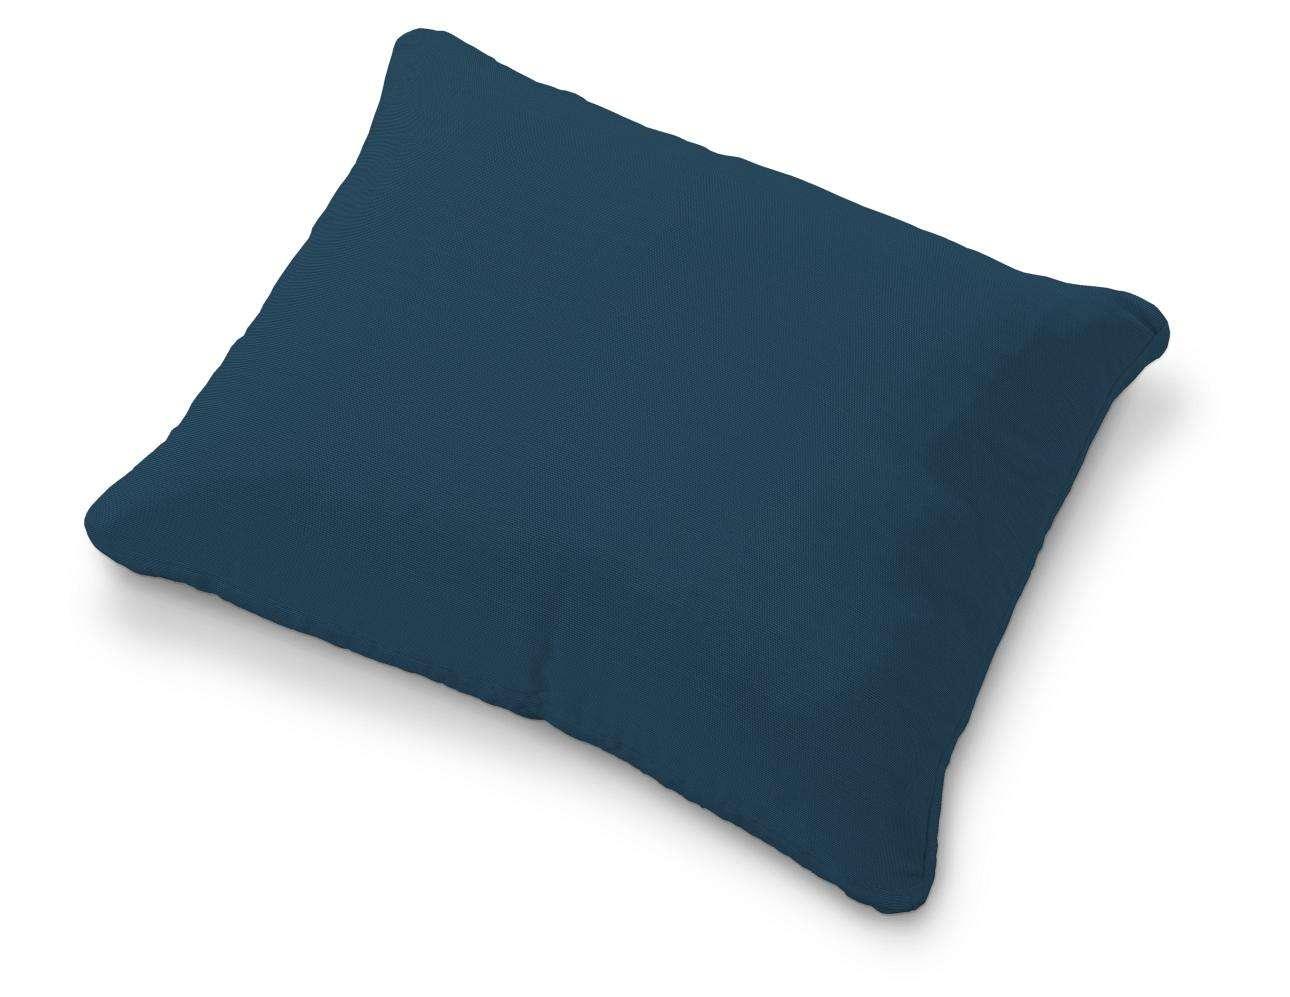 Karlstad pagalvėlės užvalkalas(58 cm x 48 cm) Karlstad pagavėlės užvalkalas 58x48cm kolekcijoje Cotton Panama, audinys: 702-30